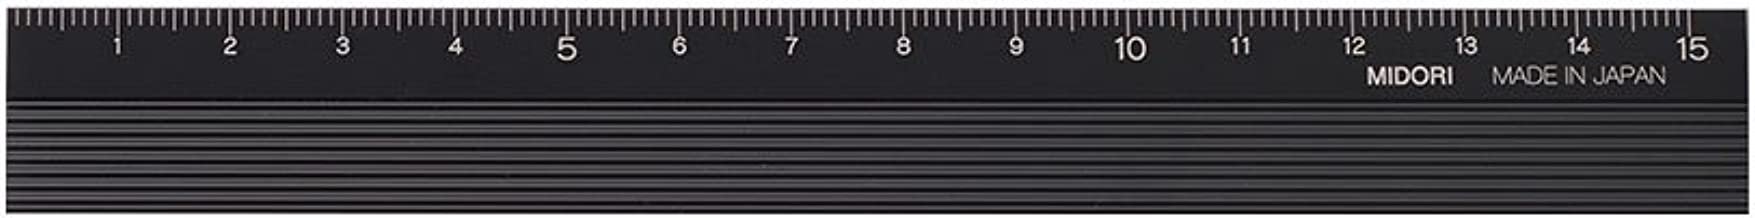 Midori Aluminium Ruler 15cm Black (42256006)